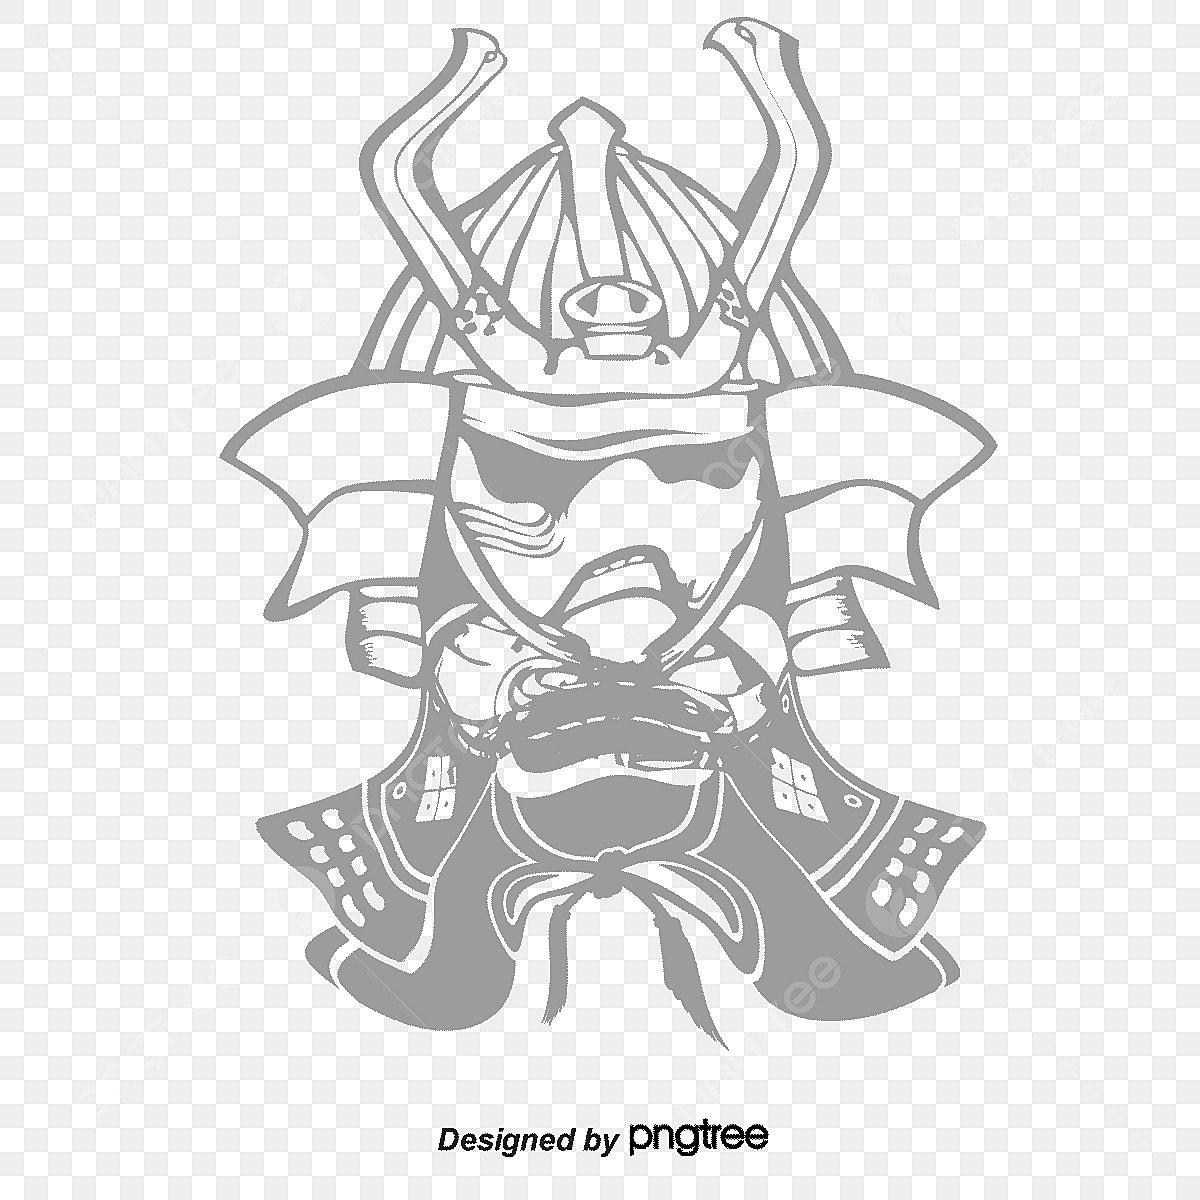 Samurai percuma png dan vektor